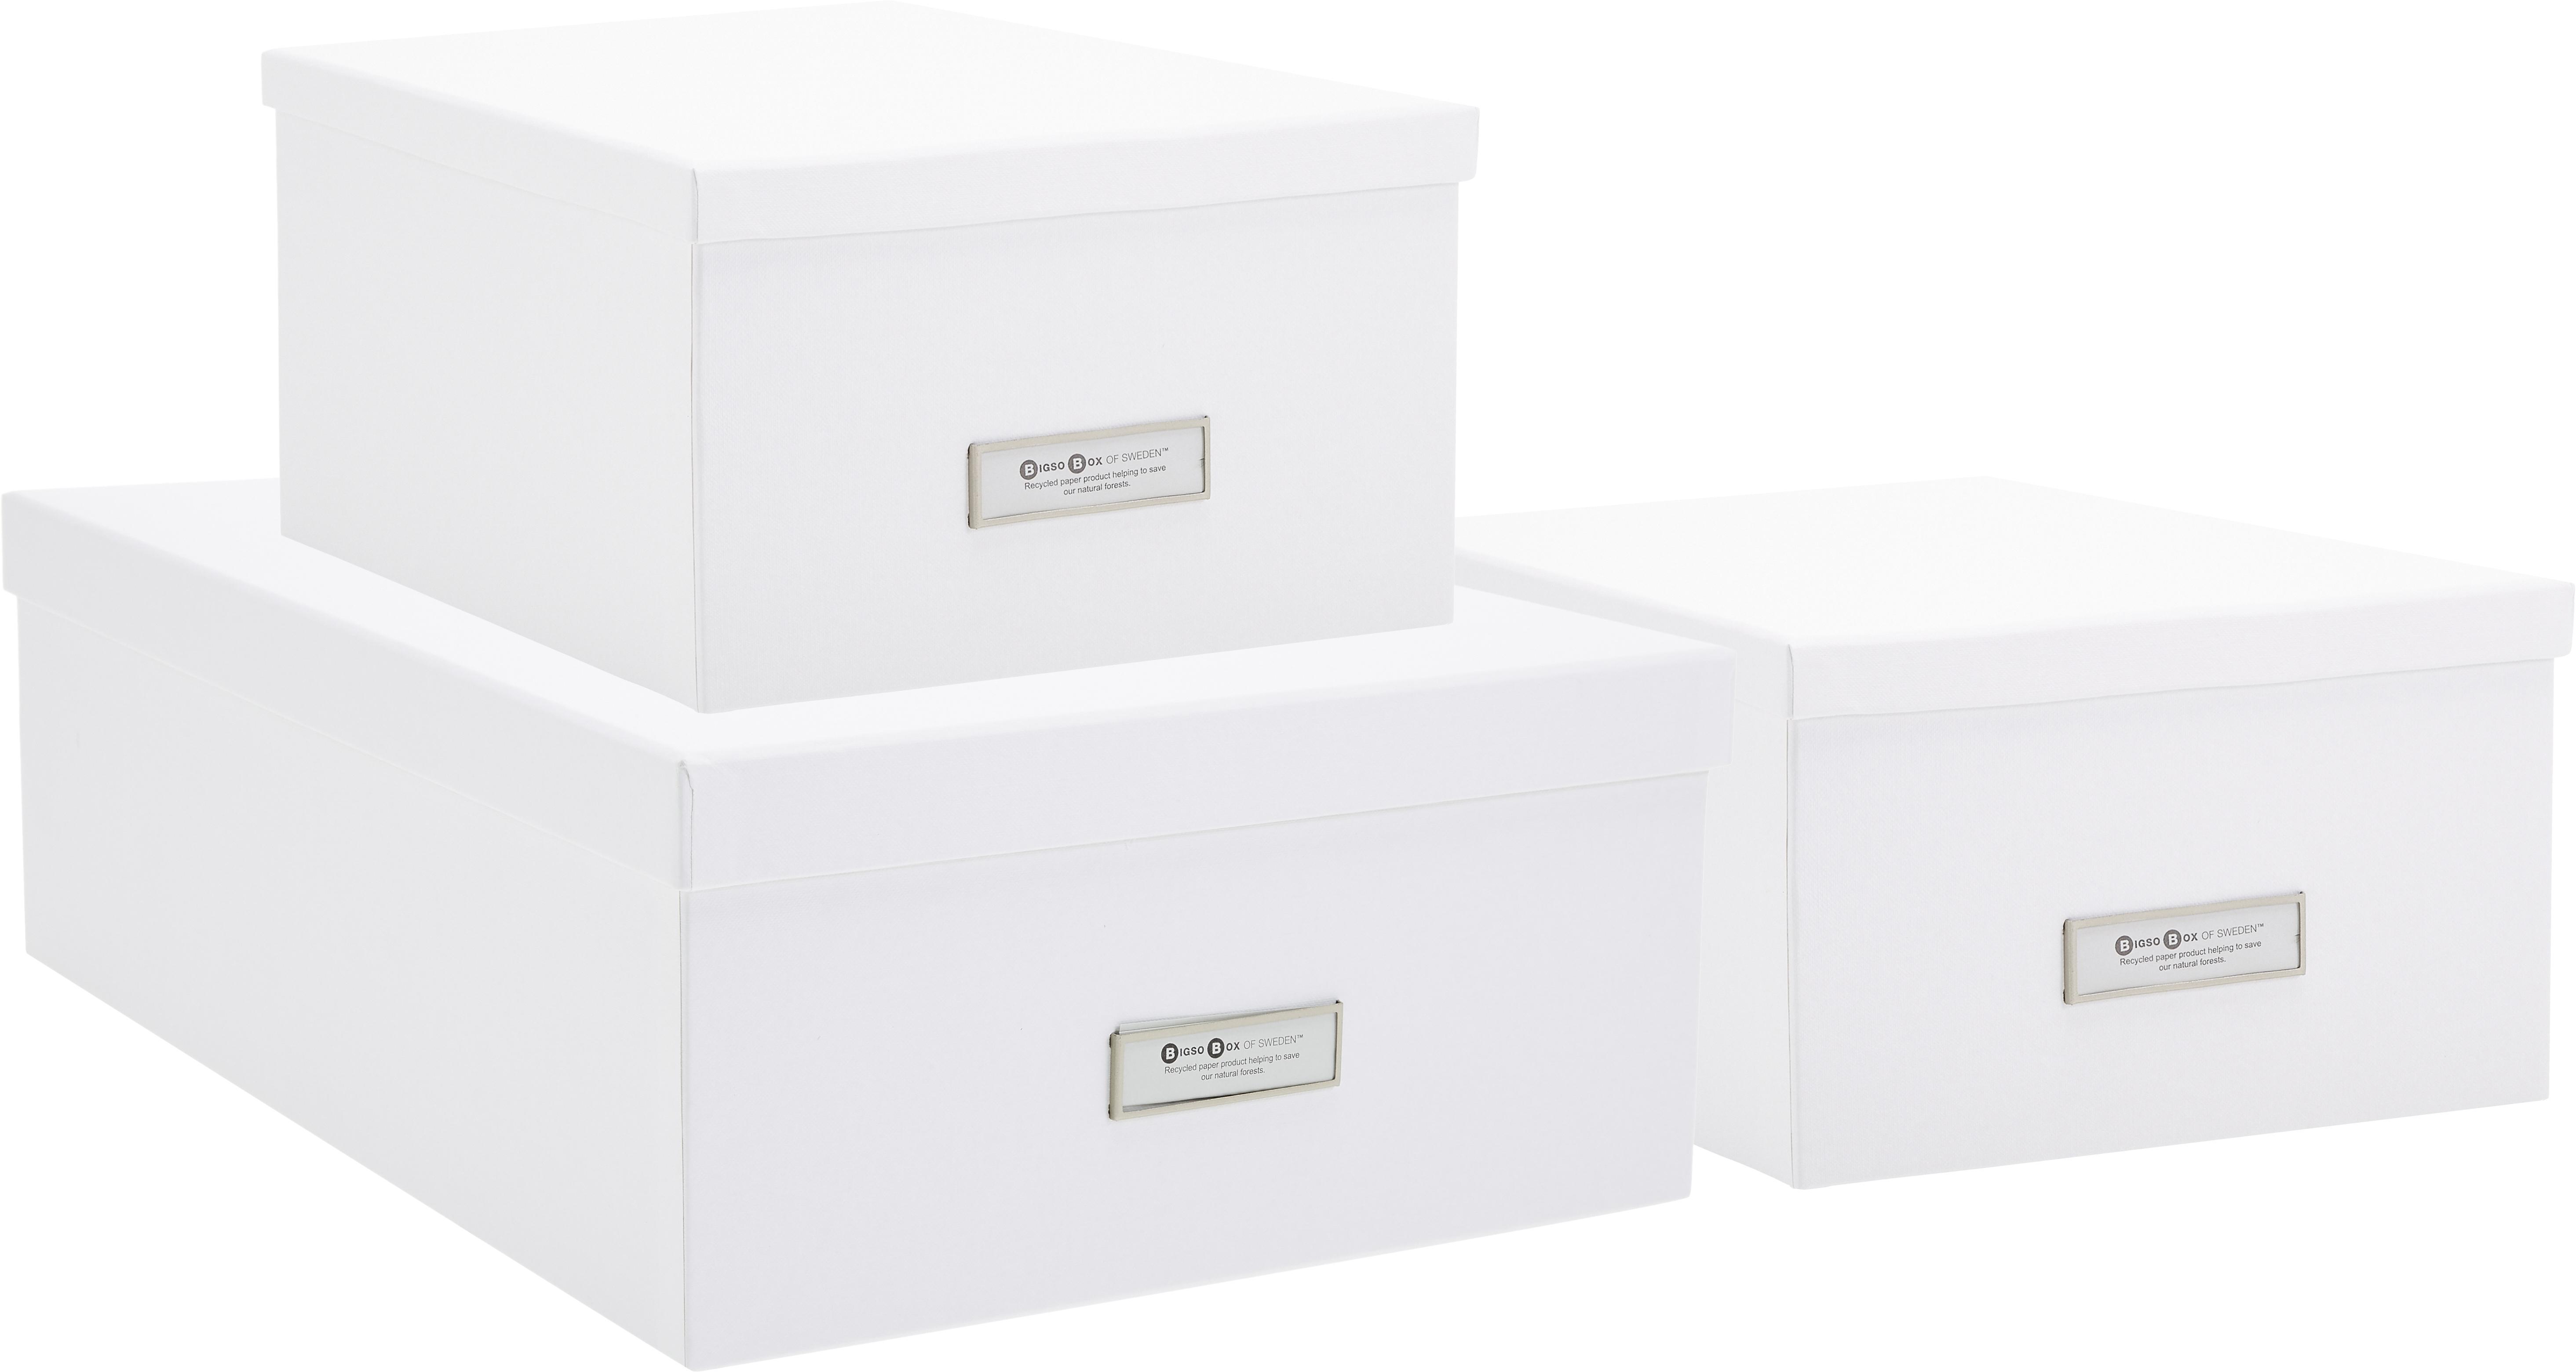 Aufbewahrungsboxen-Set Inge, 3-tlg., Box: Fester, laminierter Karto, Box aussen: WeissBox innen: Weiss, Set mit verschiedenen Grössen